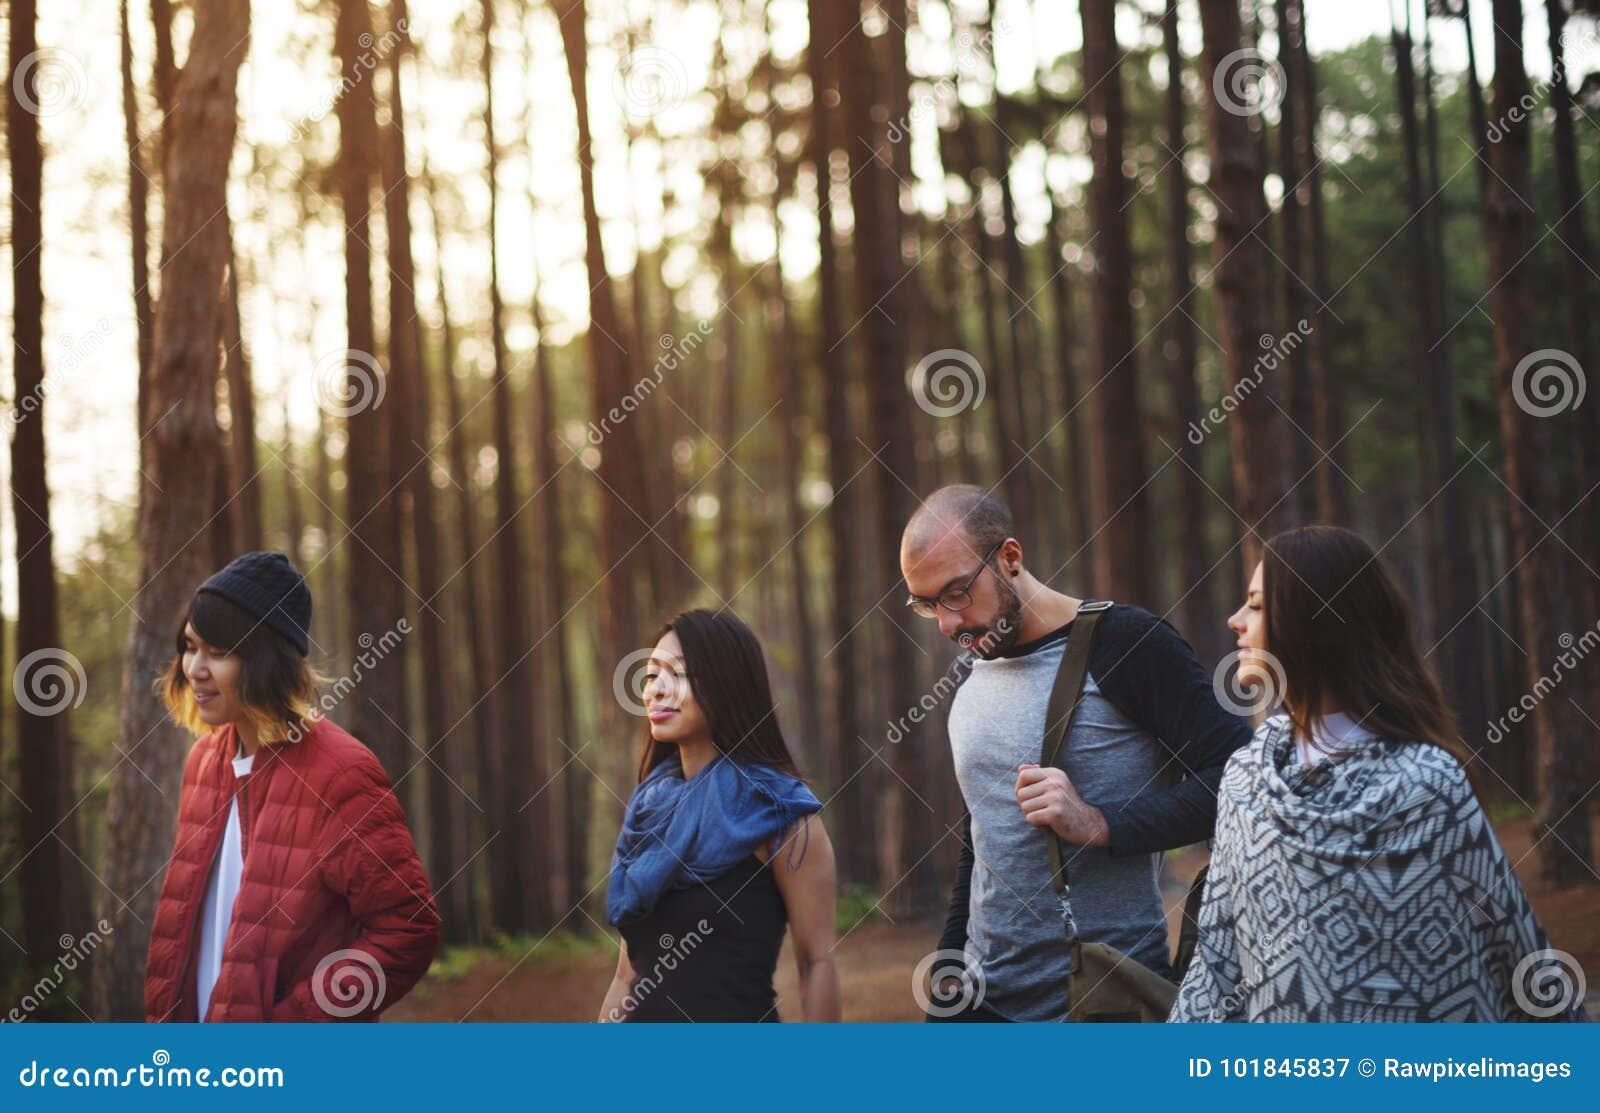 Freunde, die heraus in einem Wald hängen